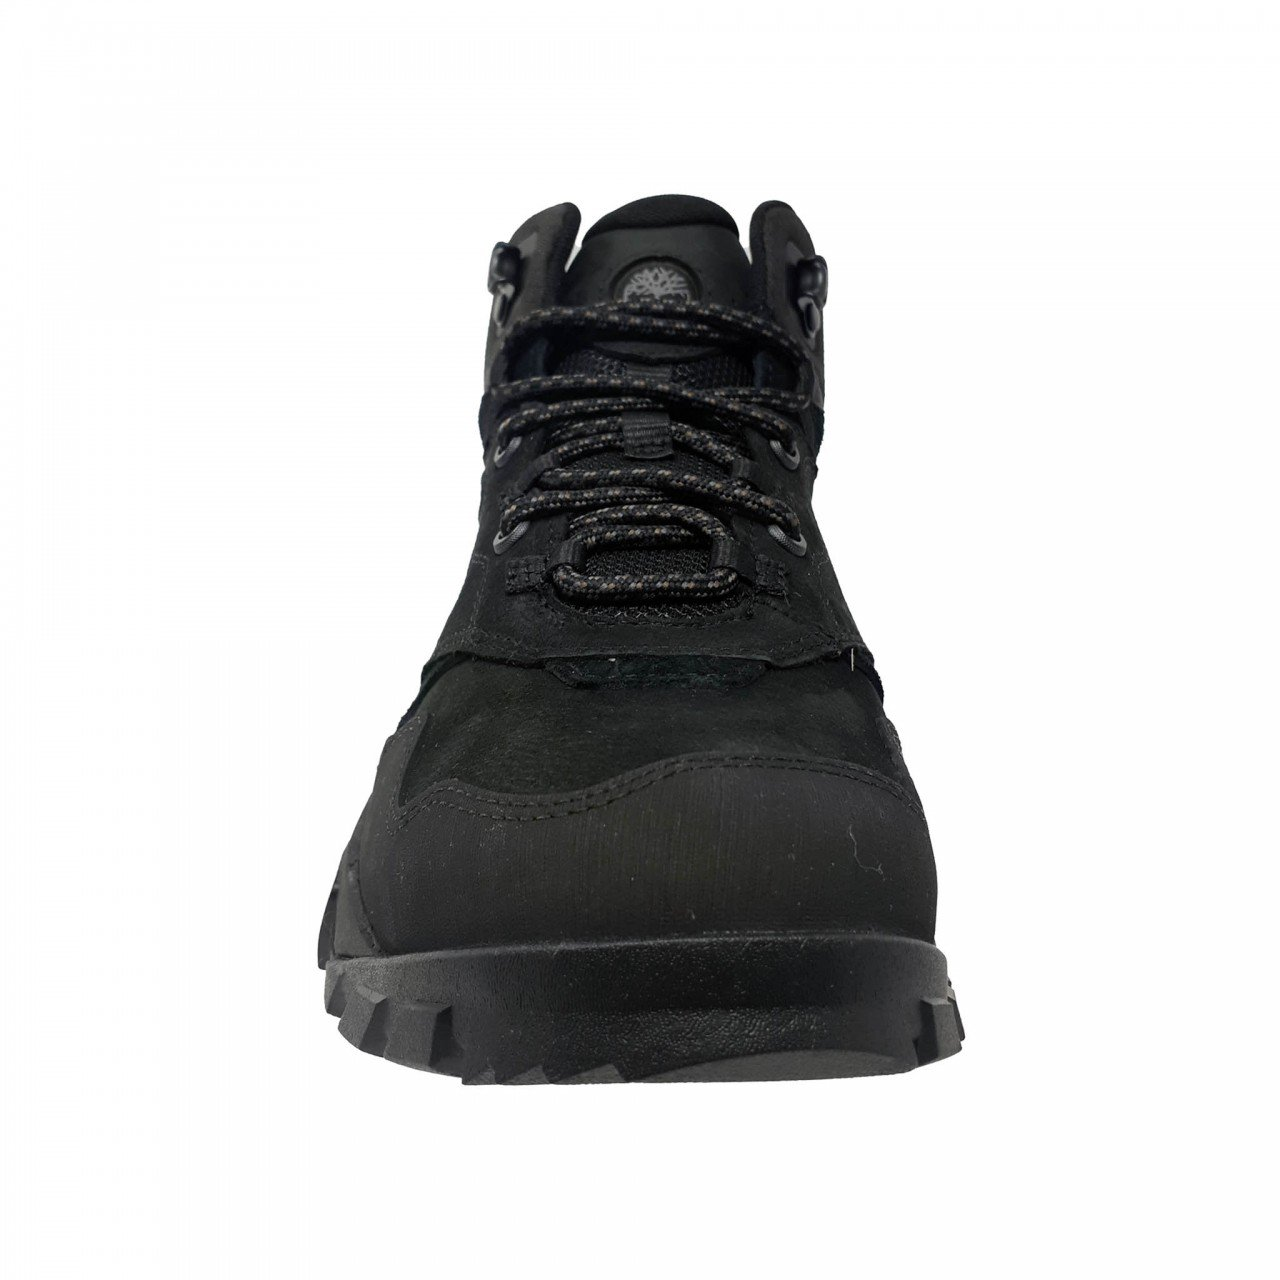 Botas tenis negro para hombre Timberland A24D5